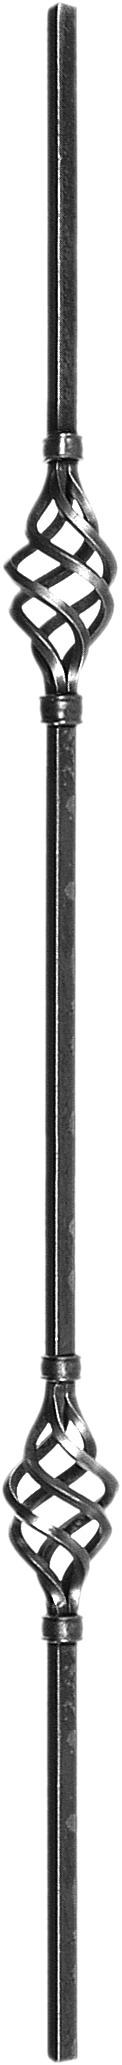 Barreaux en carré de 14 double torsade H1000